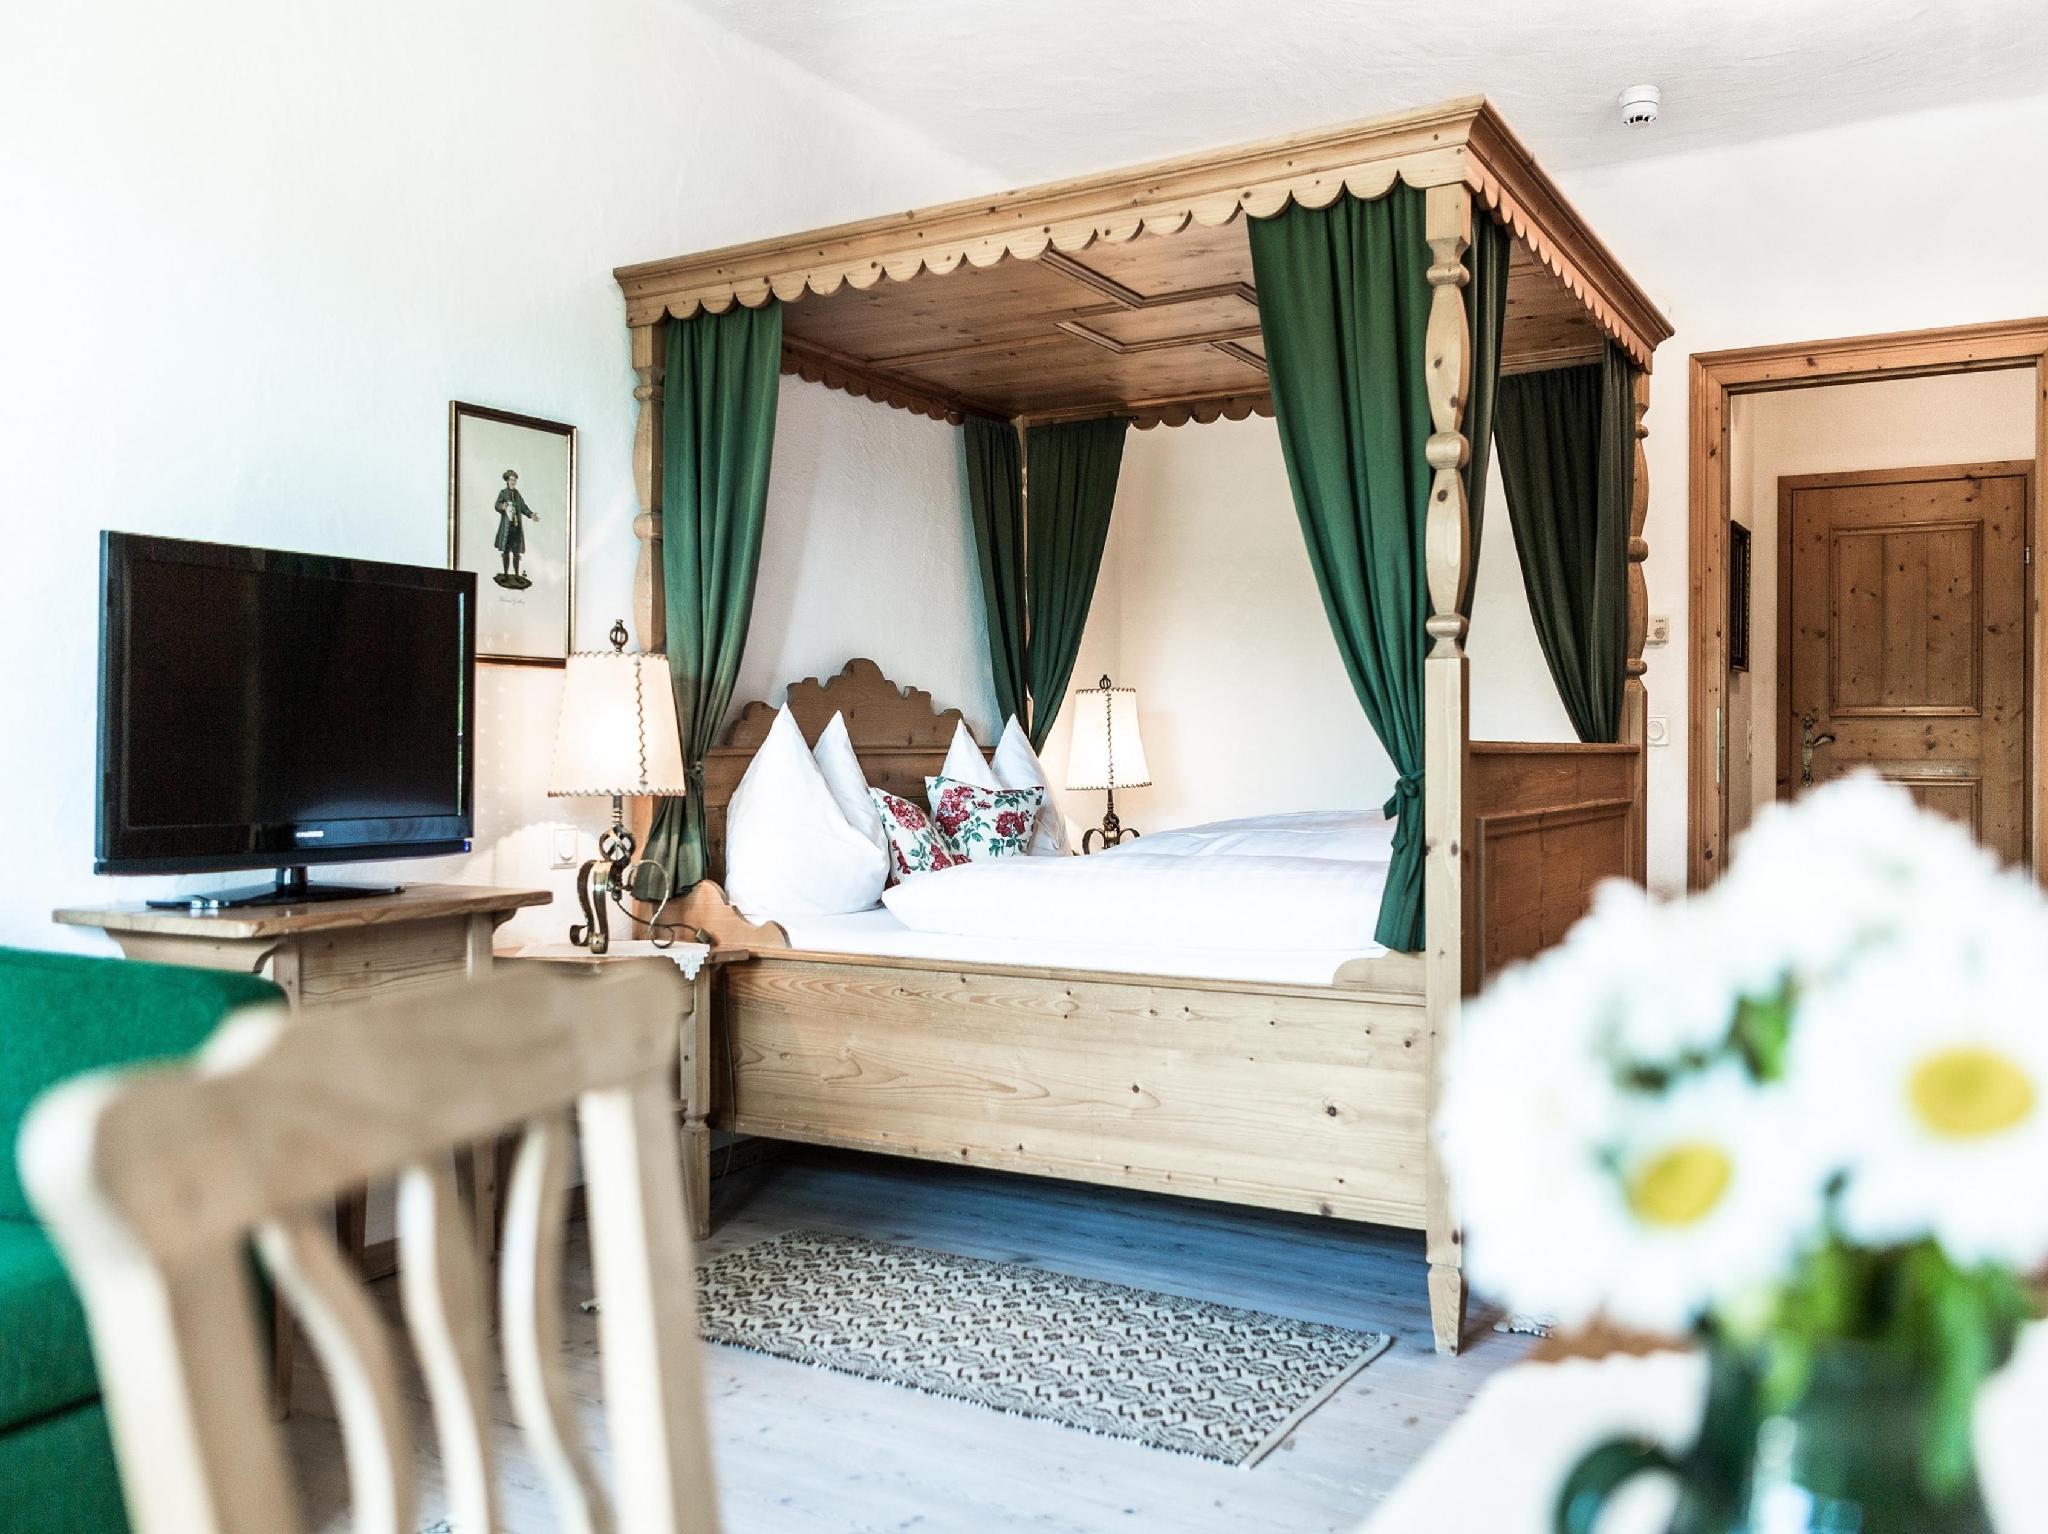 Best Price on Salzburg Hotel Holznerwirt in Eugendorf Reviews